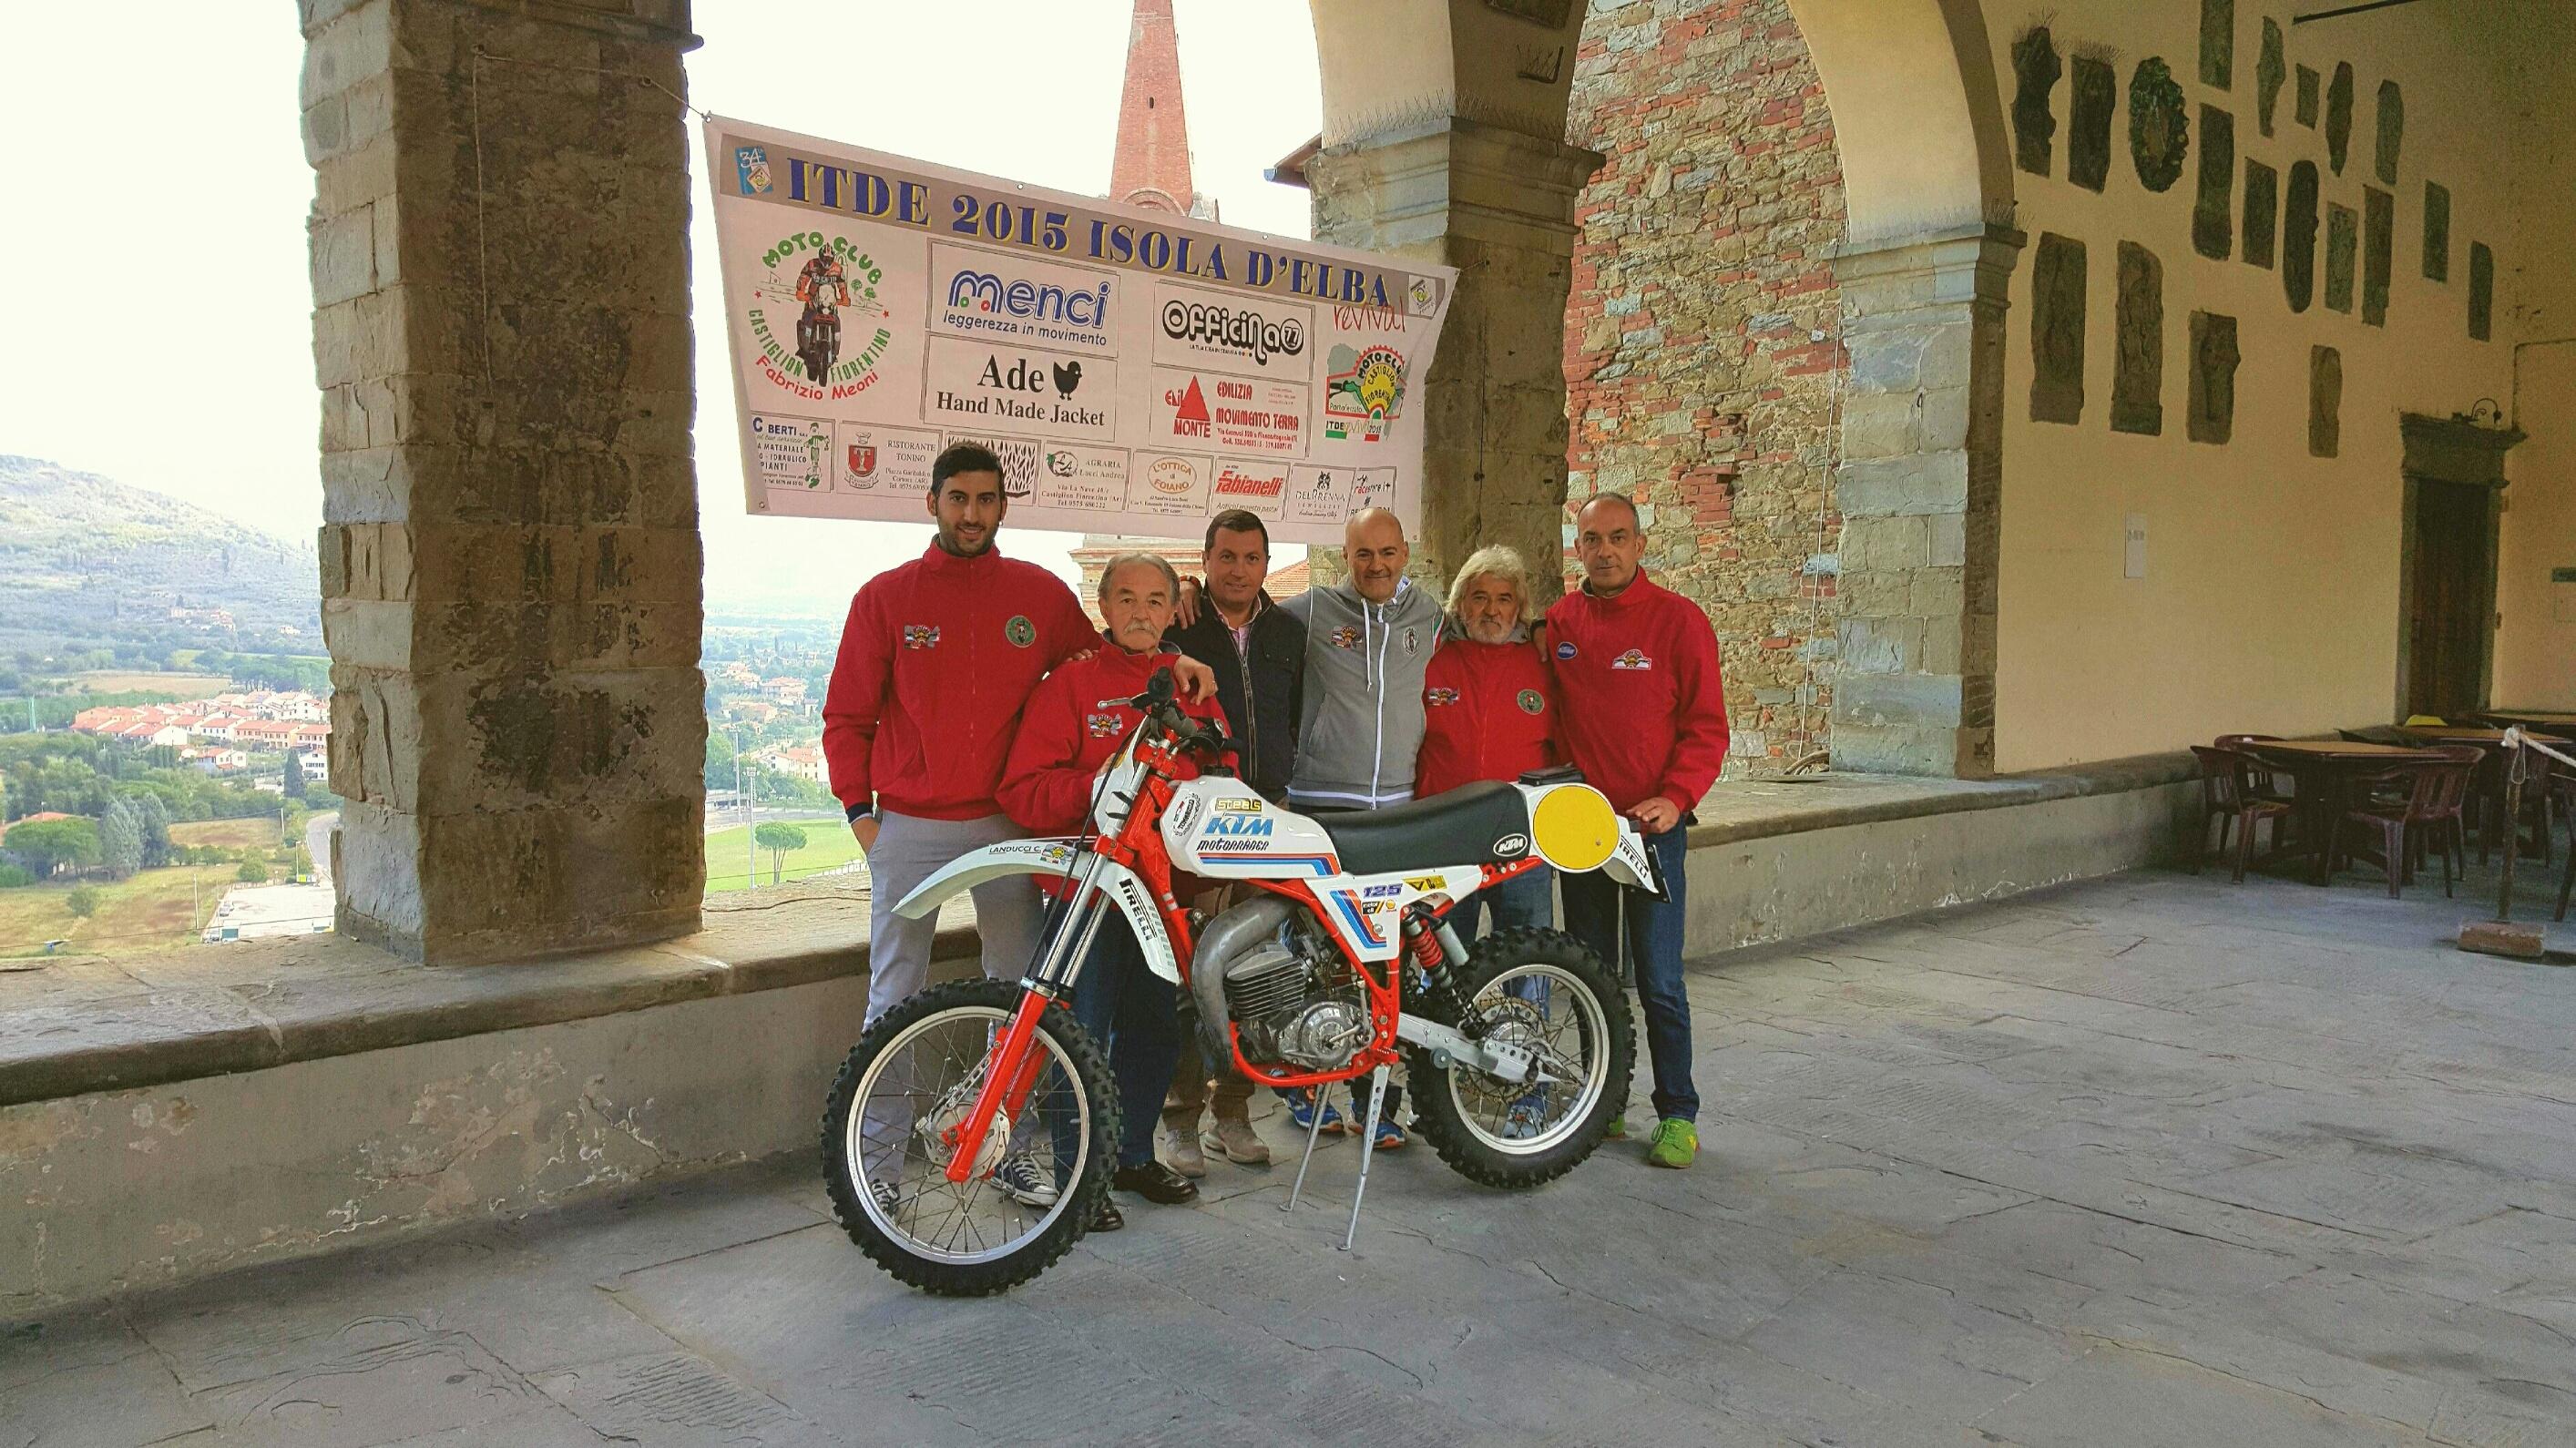 Il Moto Club Castiglion Fiorentino torna all'Elba 34 anni dopo Meoni